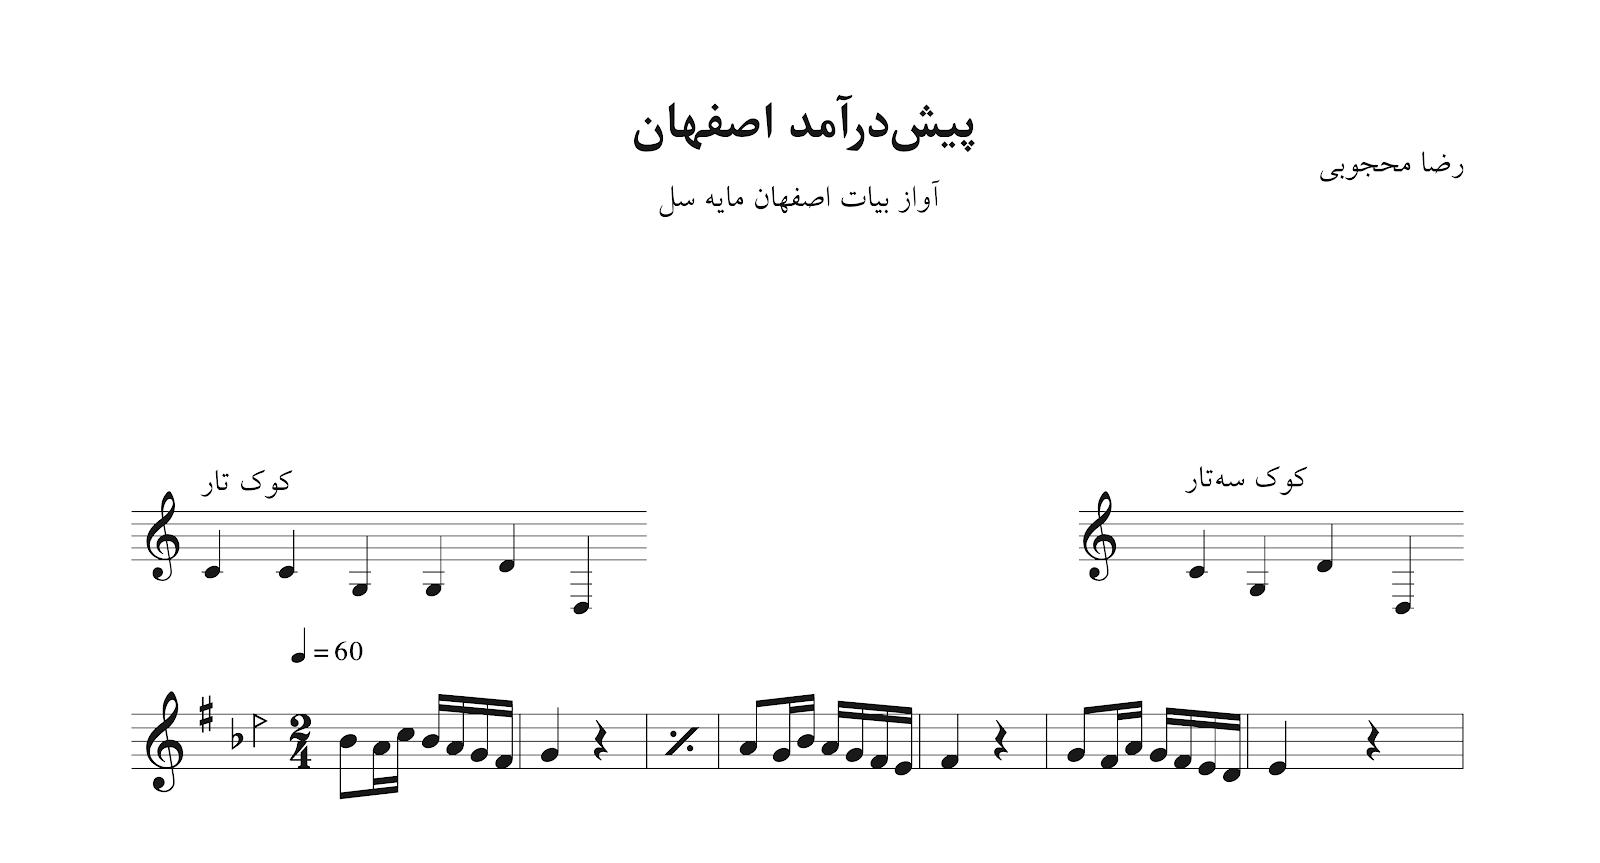 دانلود نت پیشدرآمد بیات اصفهان رضا محجوبی